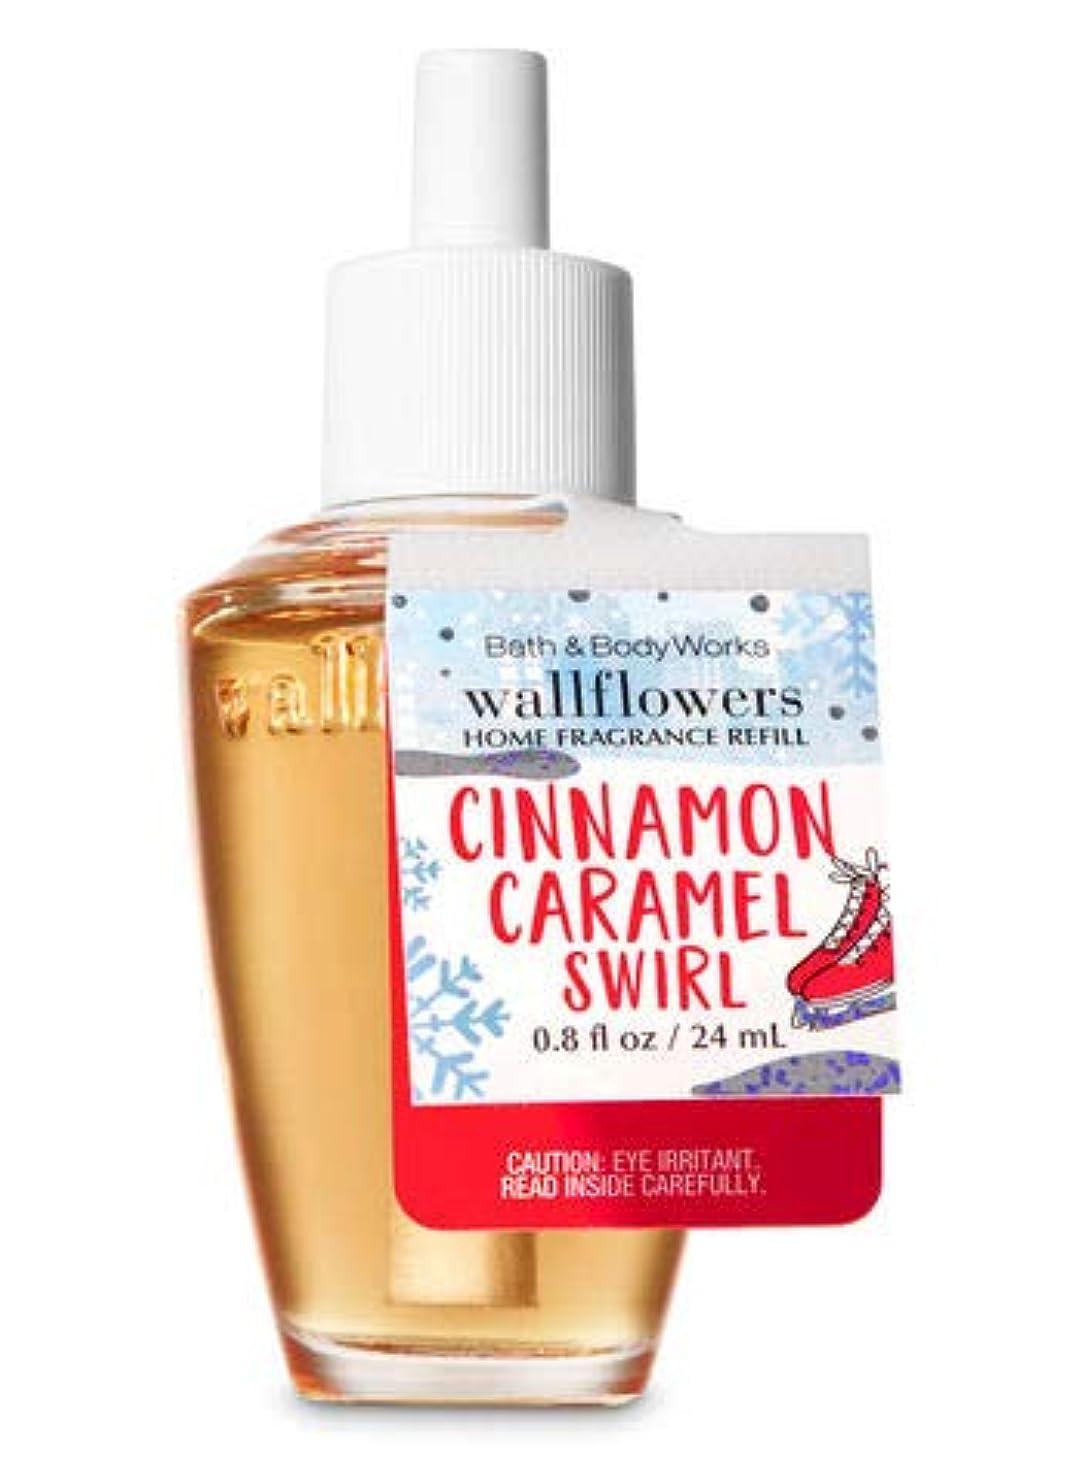 メキシコ平和財布【Bath&Body Works/バス&ボディワークス】 ルームフレグランス 詰替えリフィル シナモンキャラメルスワール Wallflowers Home Fragrance Refill Cinnamon Caramel Swirl [並行輸入品]